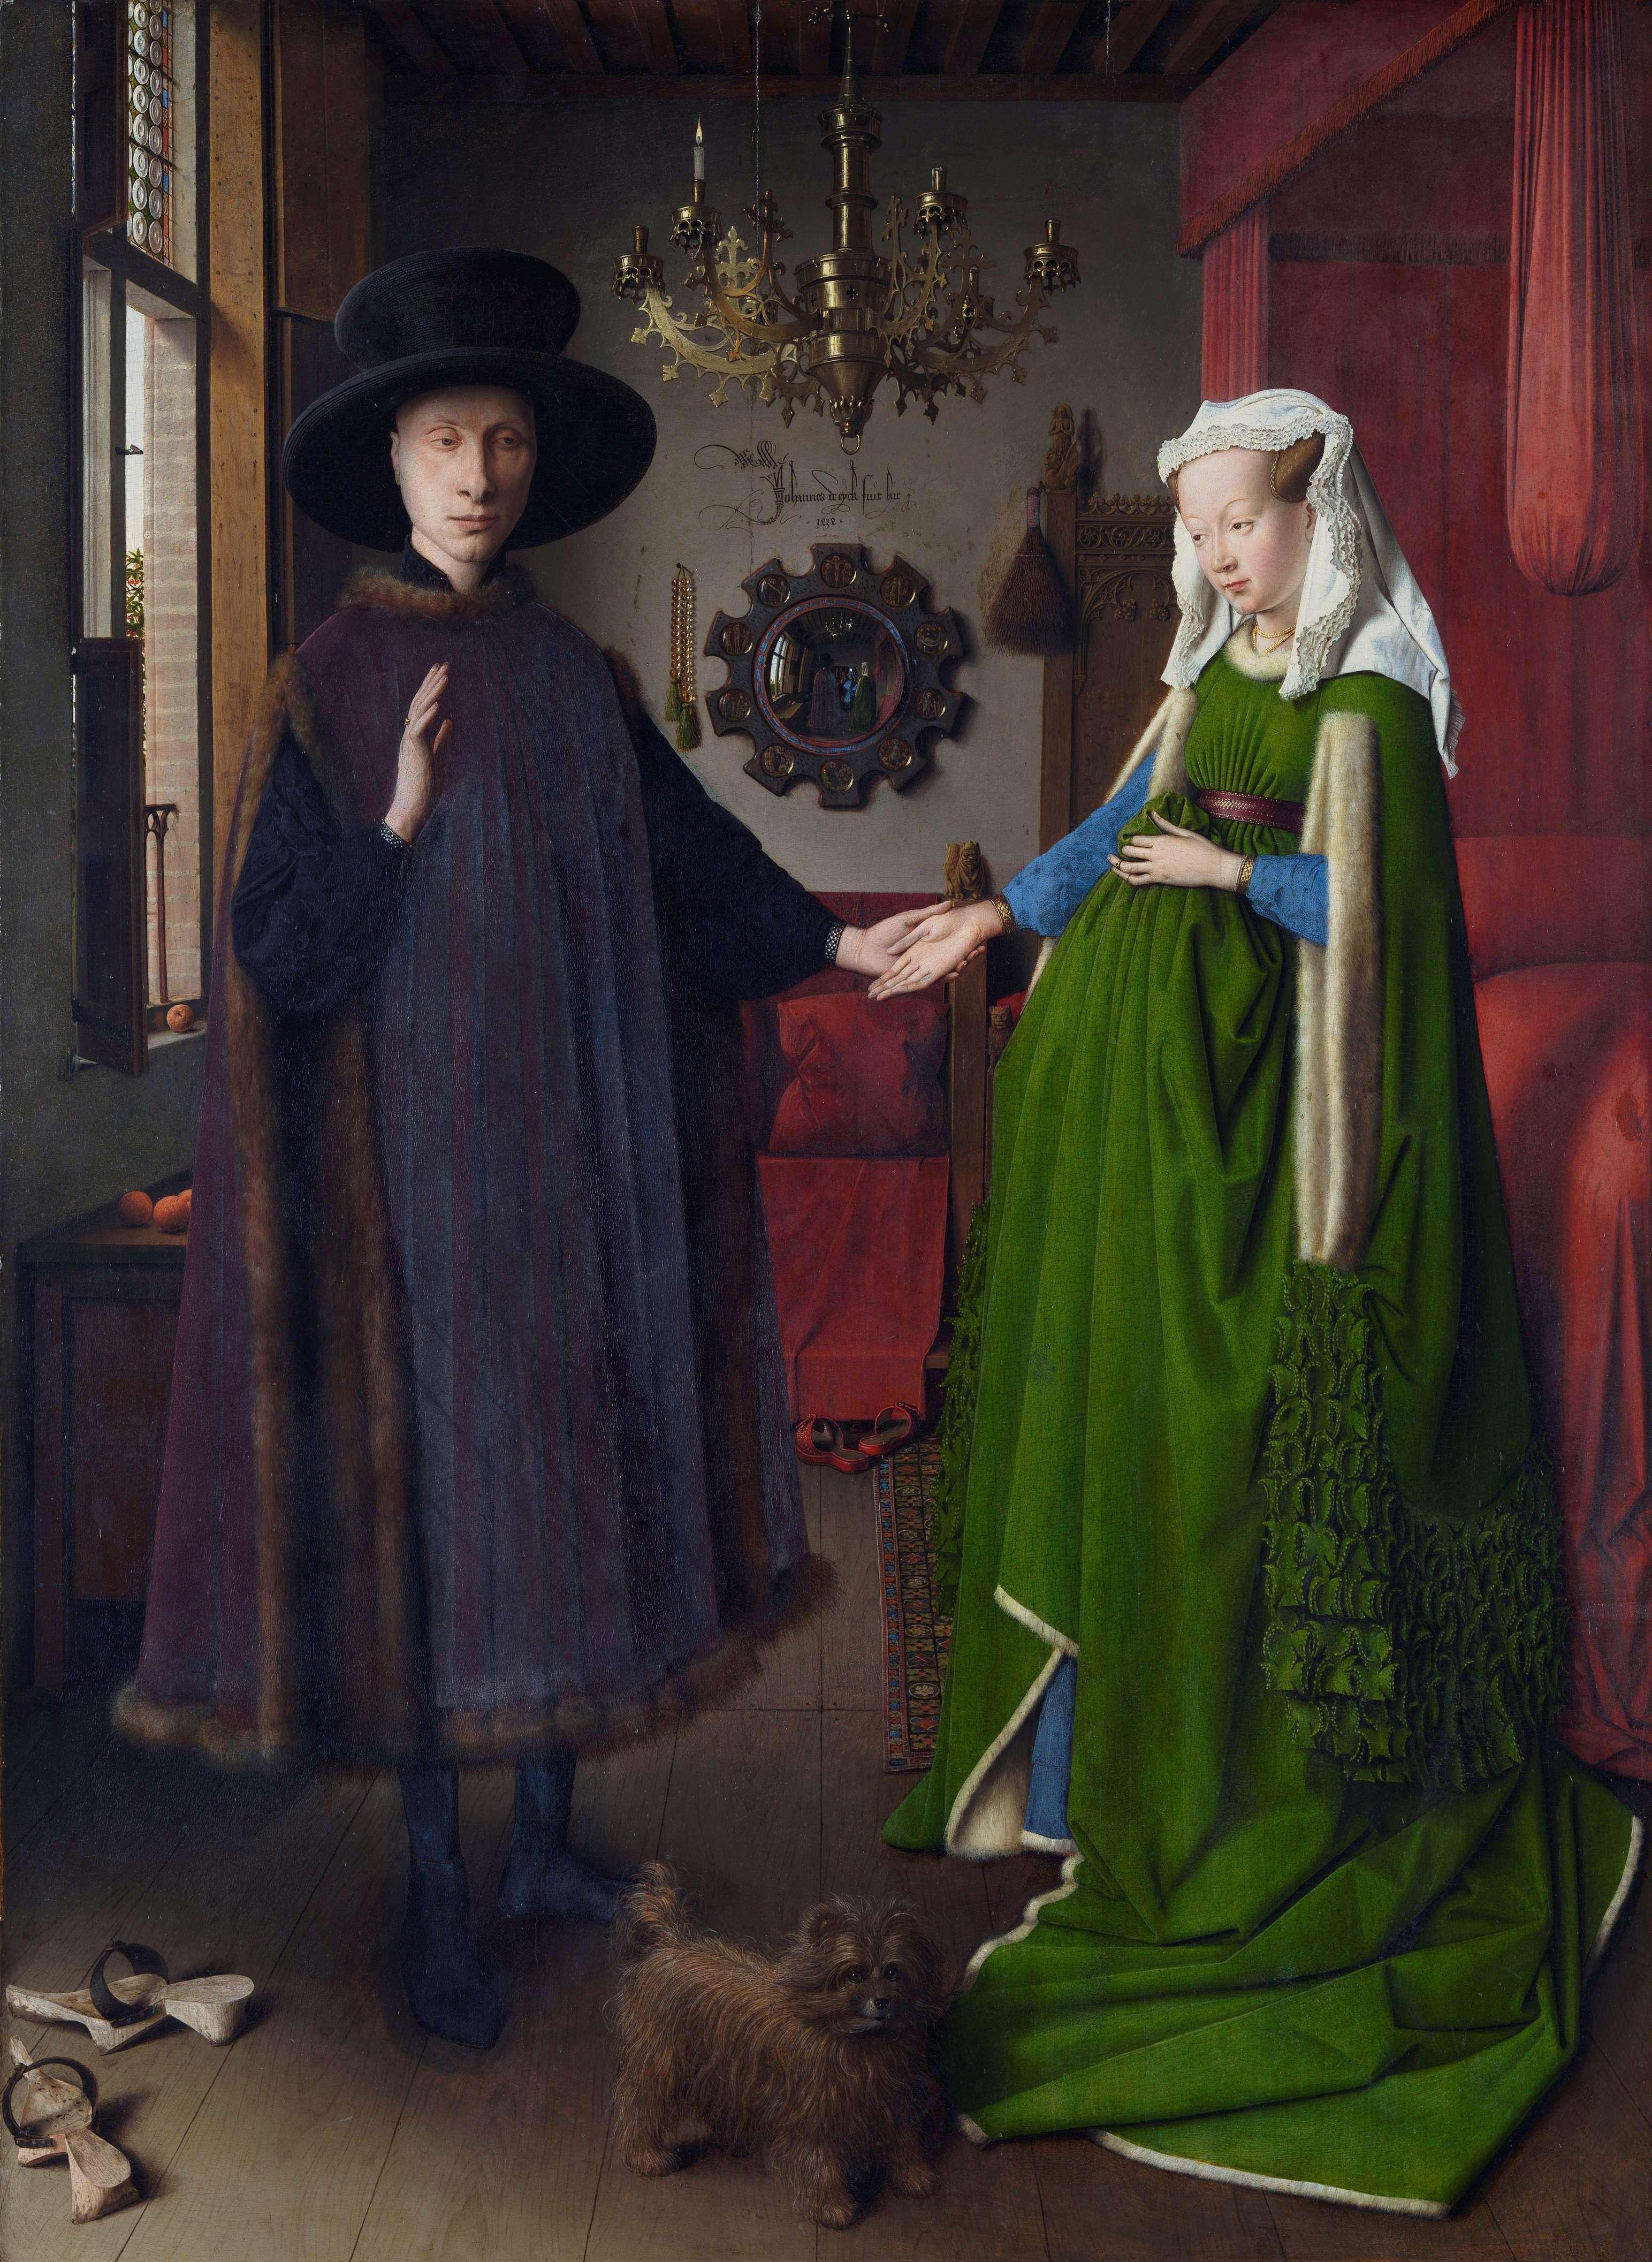 Ο Γάμος των Αρνολφίνι (πίνακας γνωστός και σαν Το Πορτρέτο των Αρνολφίνι ή Οι αρραβώνες των Αρνολφίνι) είναι ελαιογραφία του Φλαμανδού ζωγράφου Γιαν βαν Άικ, που φιλοτεχνήθηκε το 1434 και σήμερα βρίσκεται στην Εθνική Πινακοθήκη του Λονδίνου.